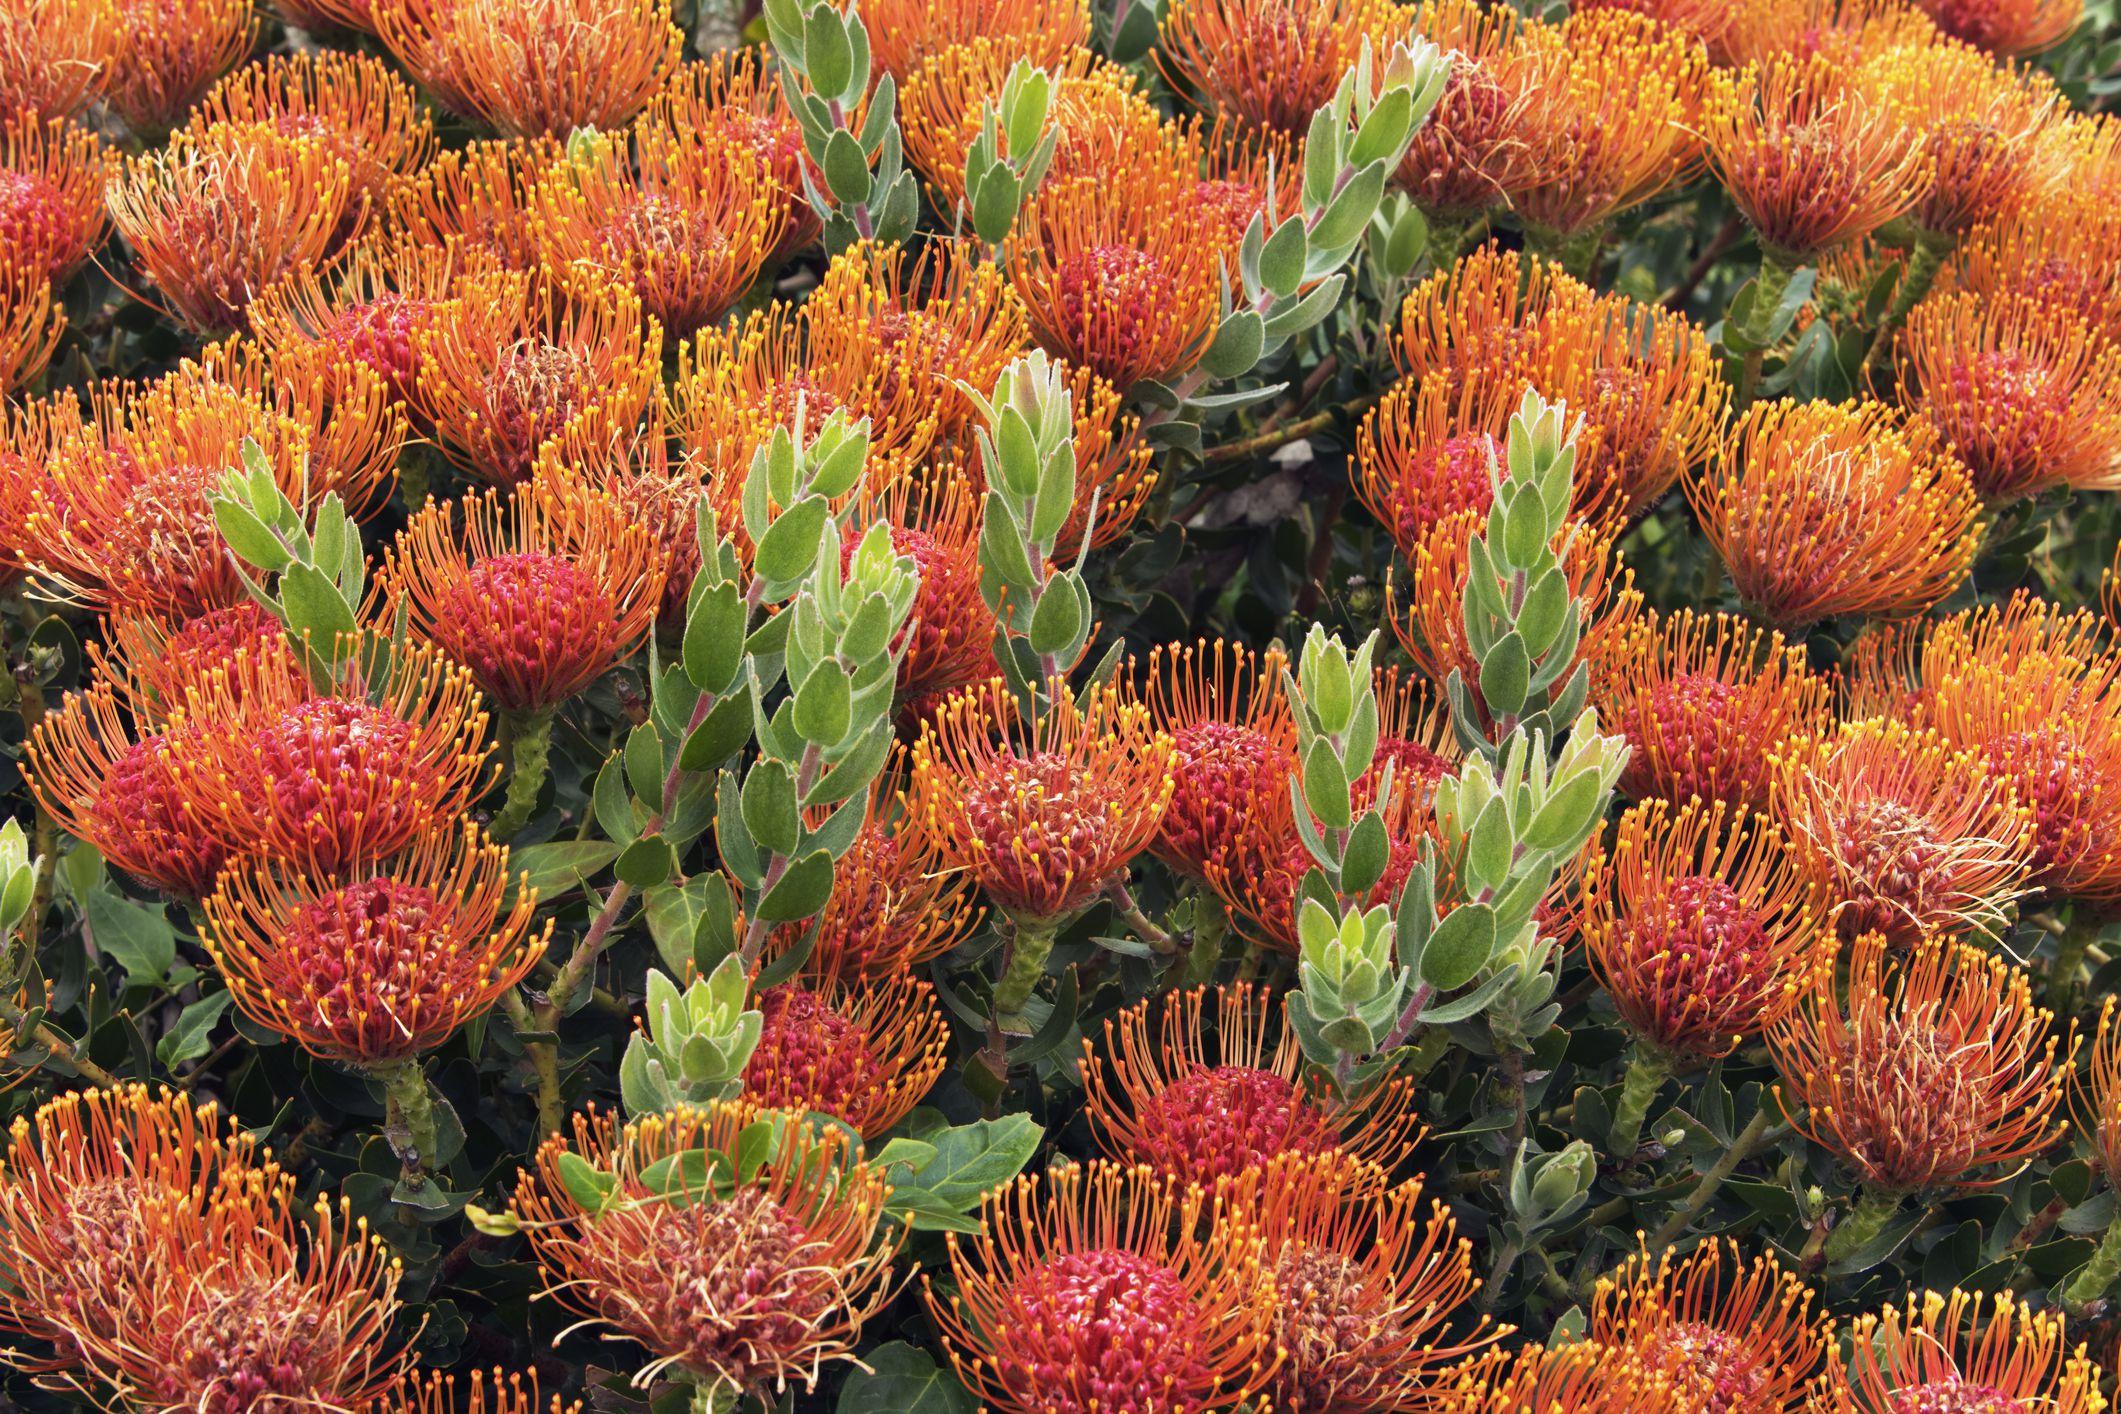 Orange flowers of Pincushion protea shrub (Leucospermum)